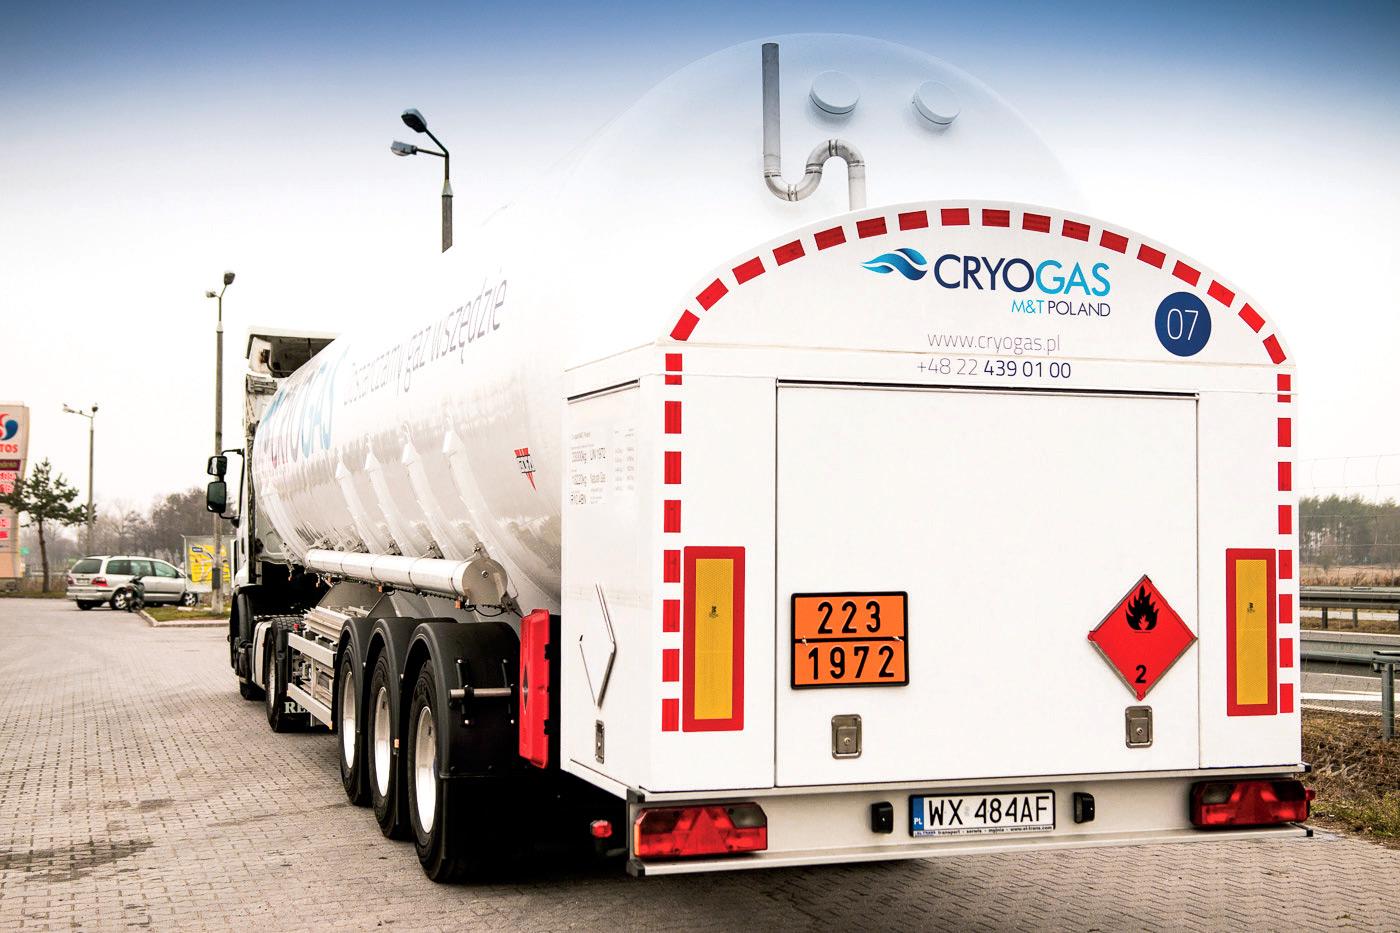 Знаки и обозначения для транспортных средств в типографии екатеринбурга